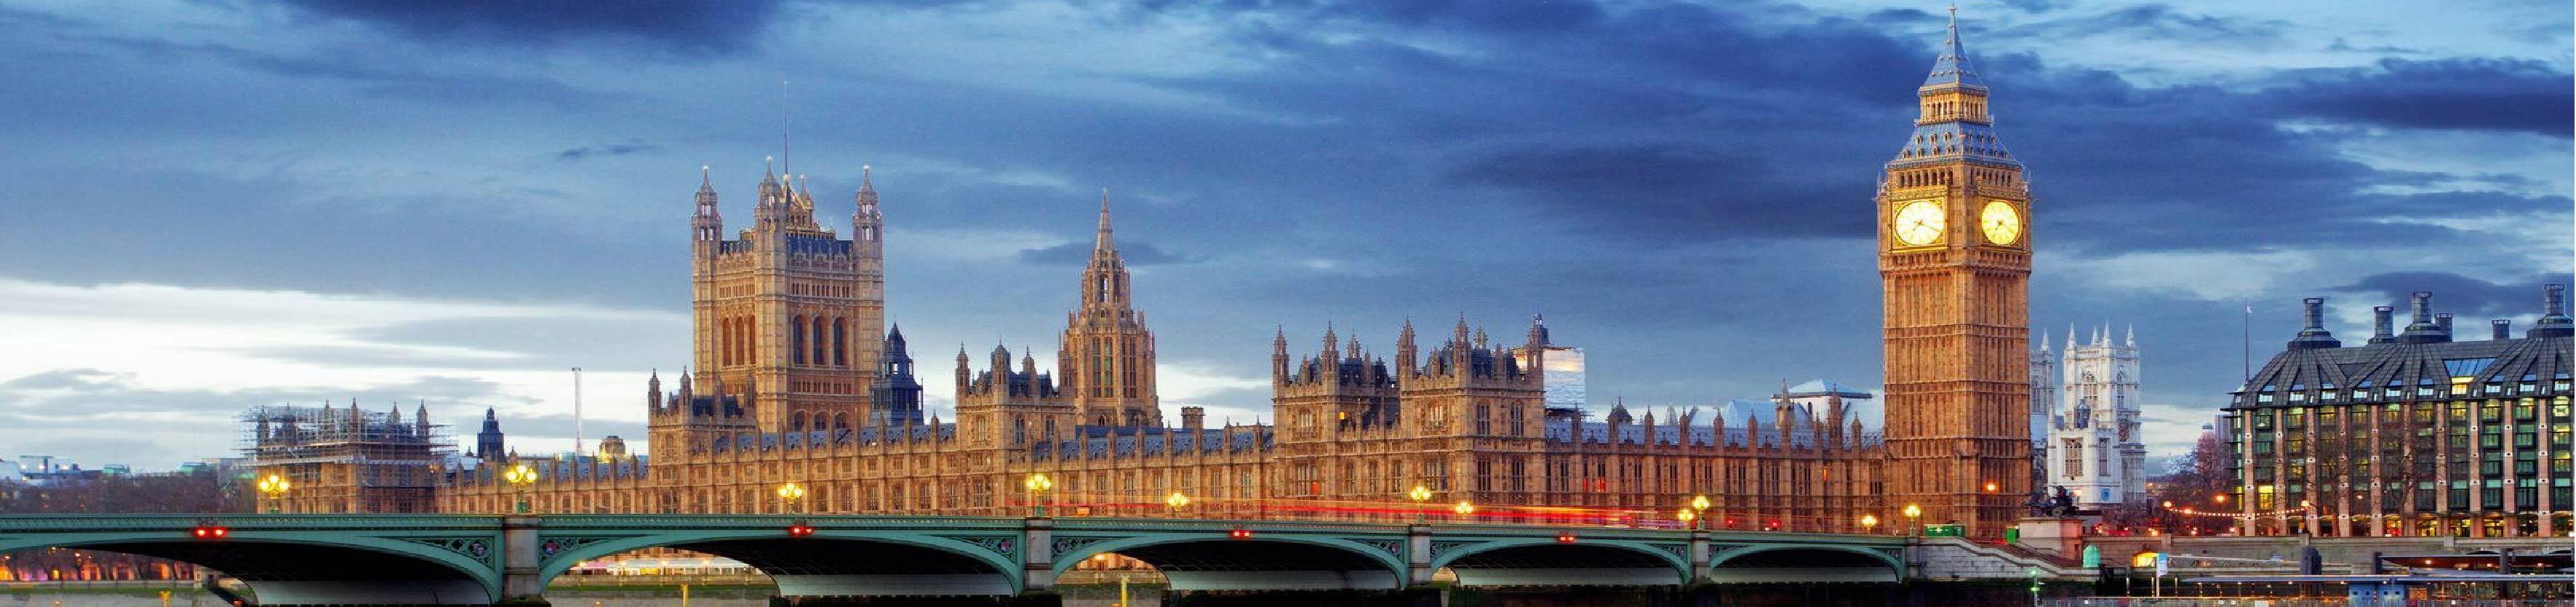 أنشطة السفر: المملكة المتحدة